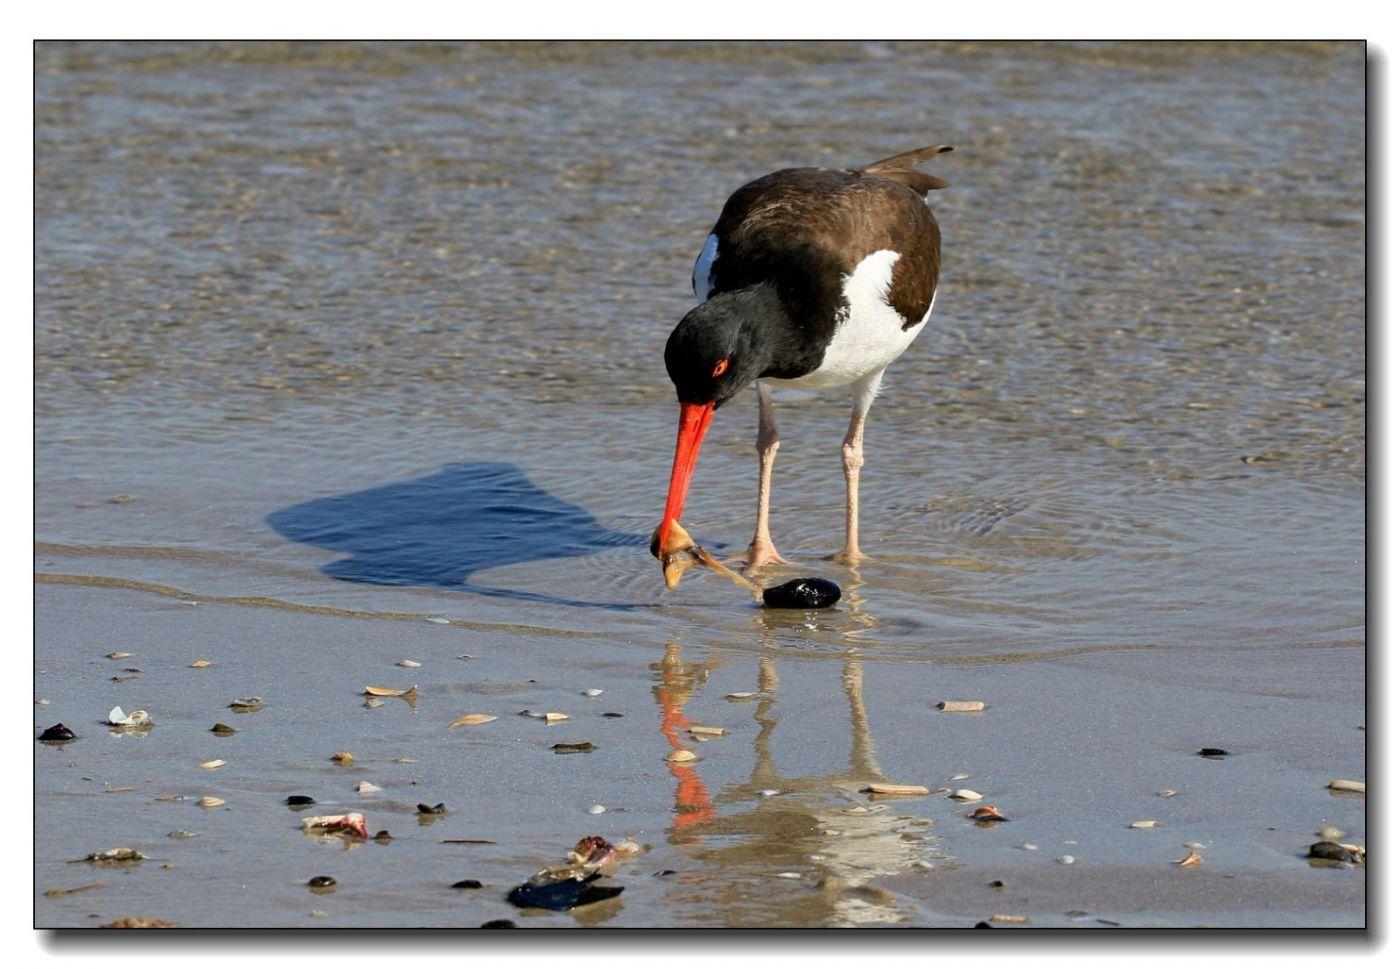 洛克威海滩拍鸟—励鹬_图1-14